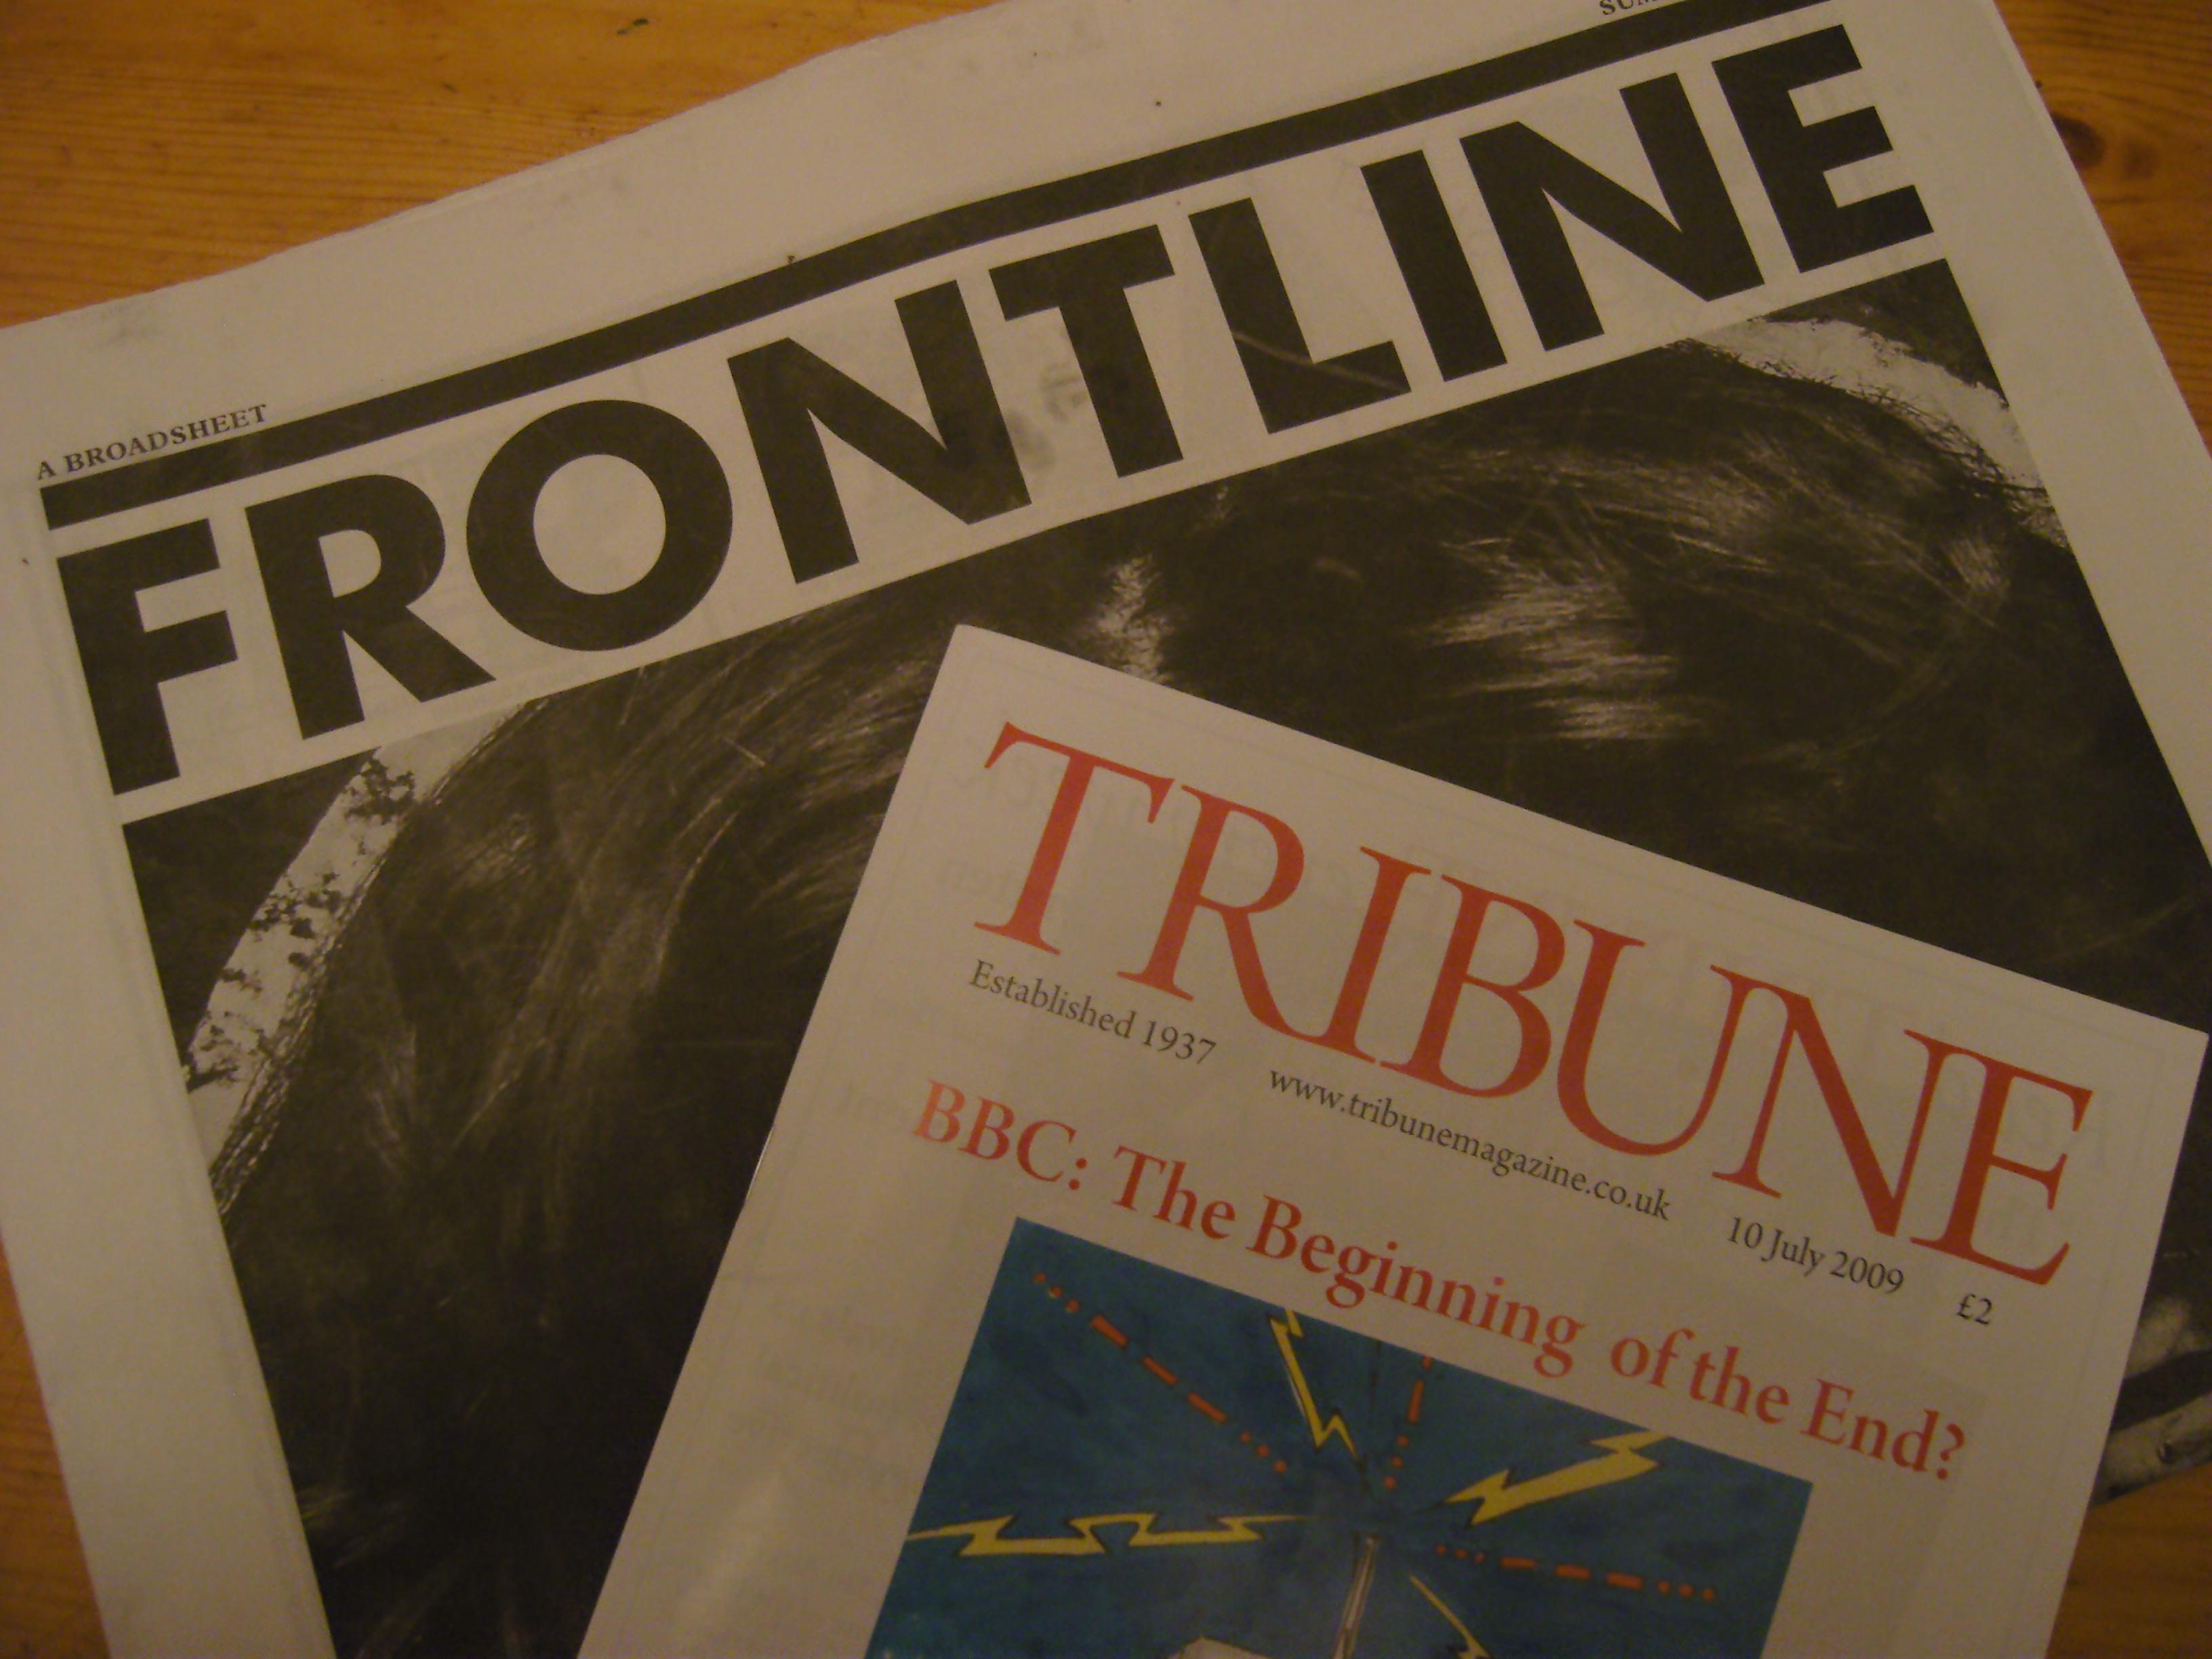 Frontline and Tribune